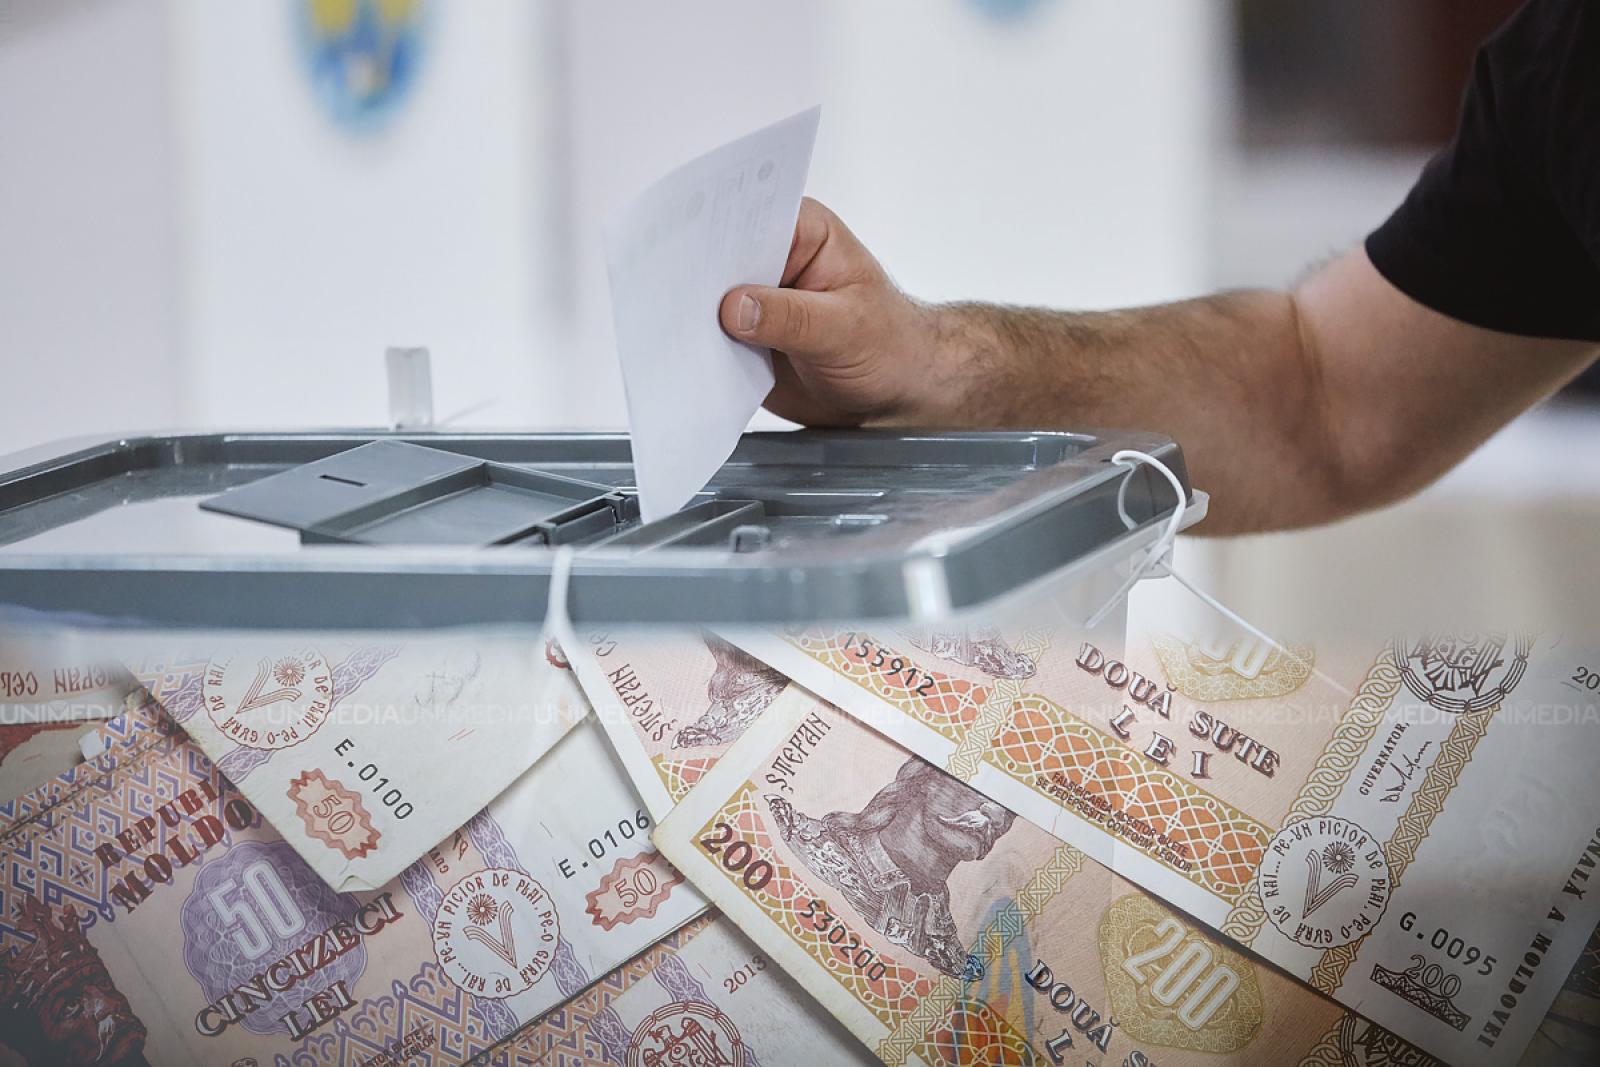 (infografic) Ziarul de Gardă: Cât i-a costat un vot pe concurenții electorali? De la 865 de lei până la niciun leu cheltuit